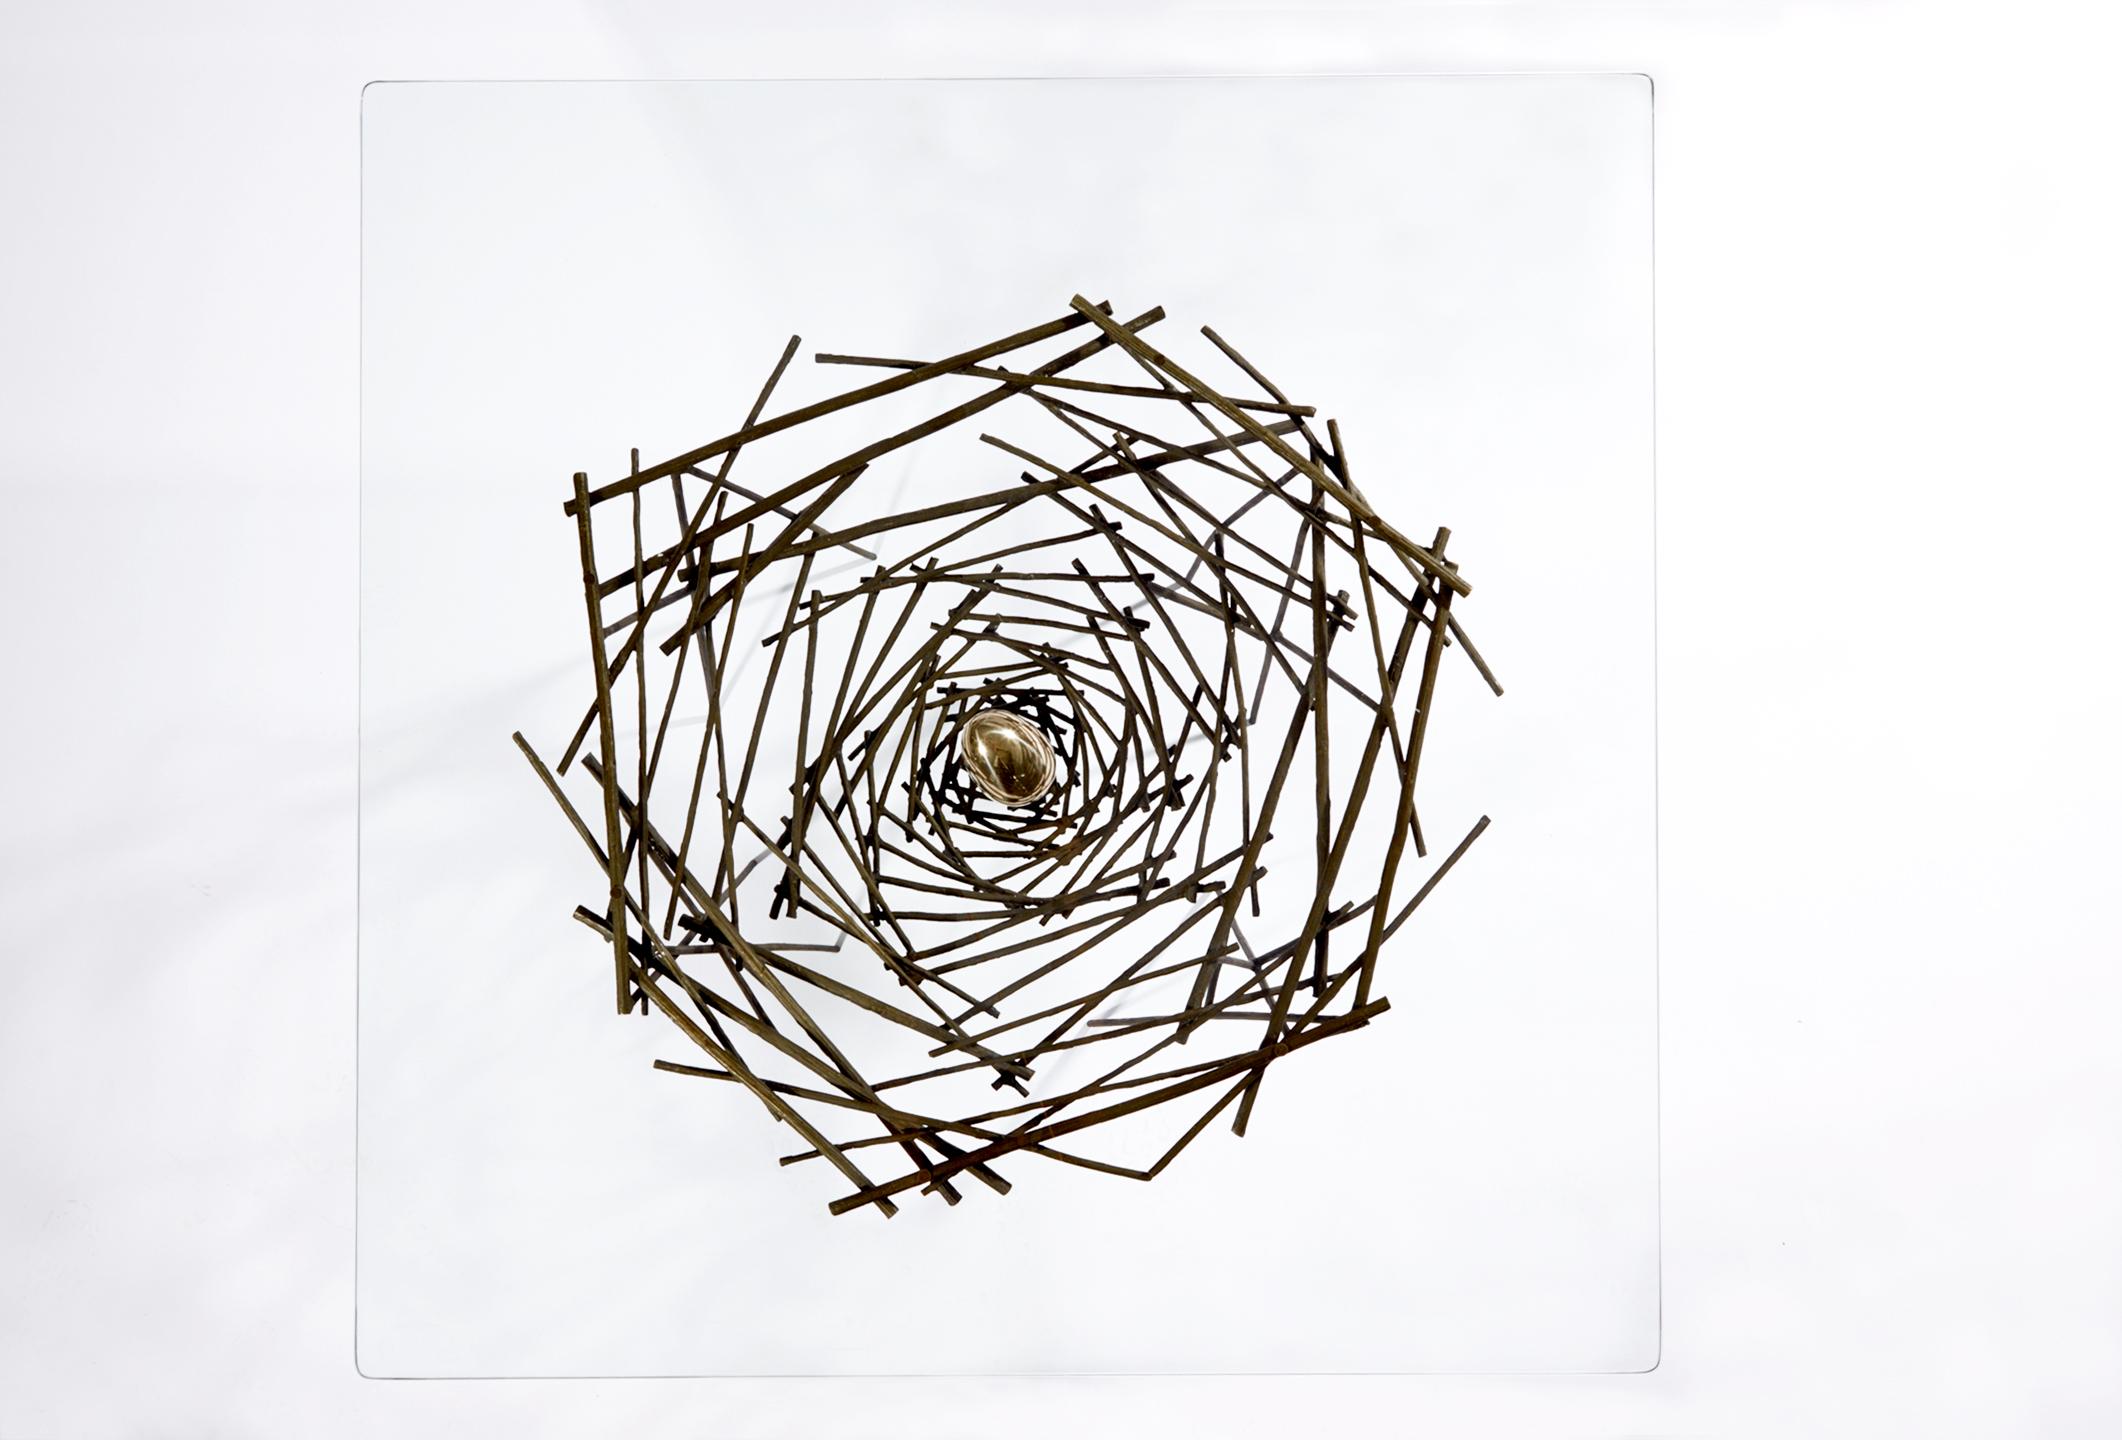 birds nest_06.jpg